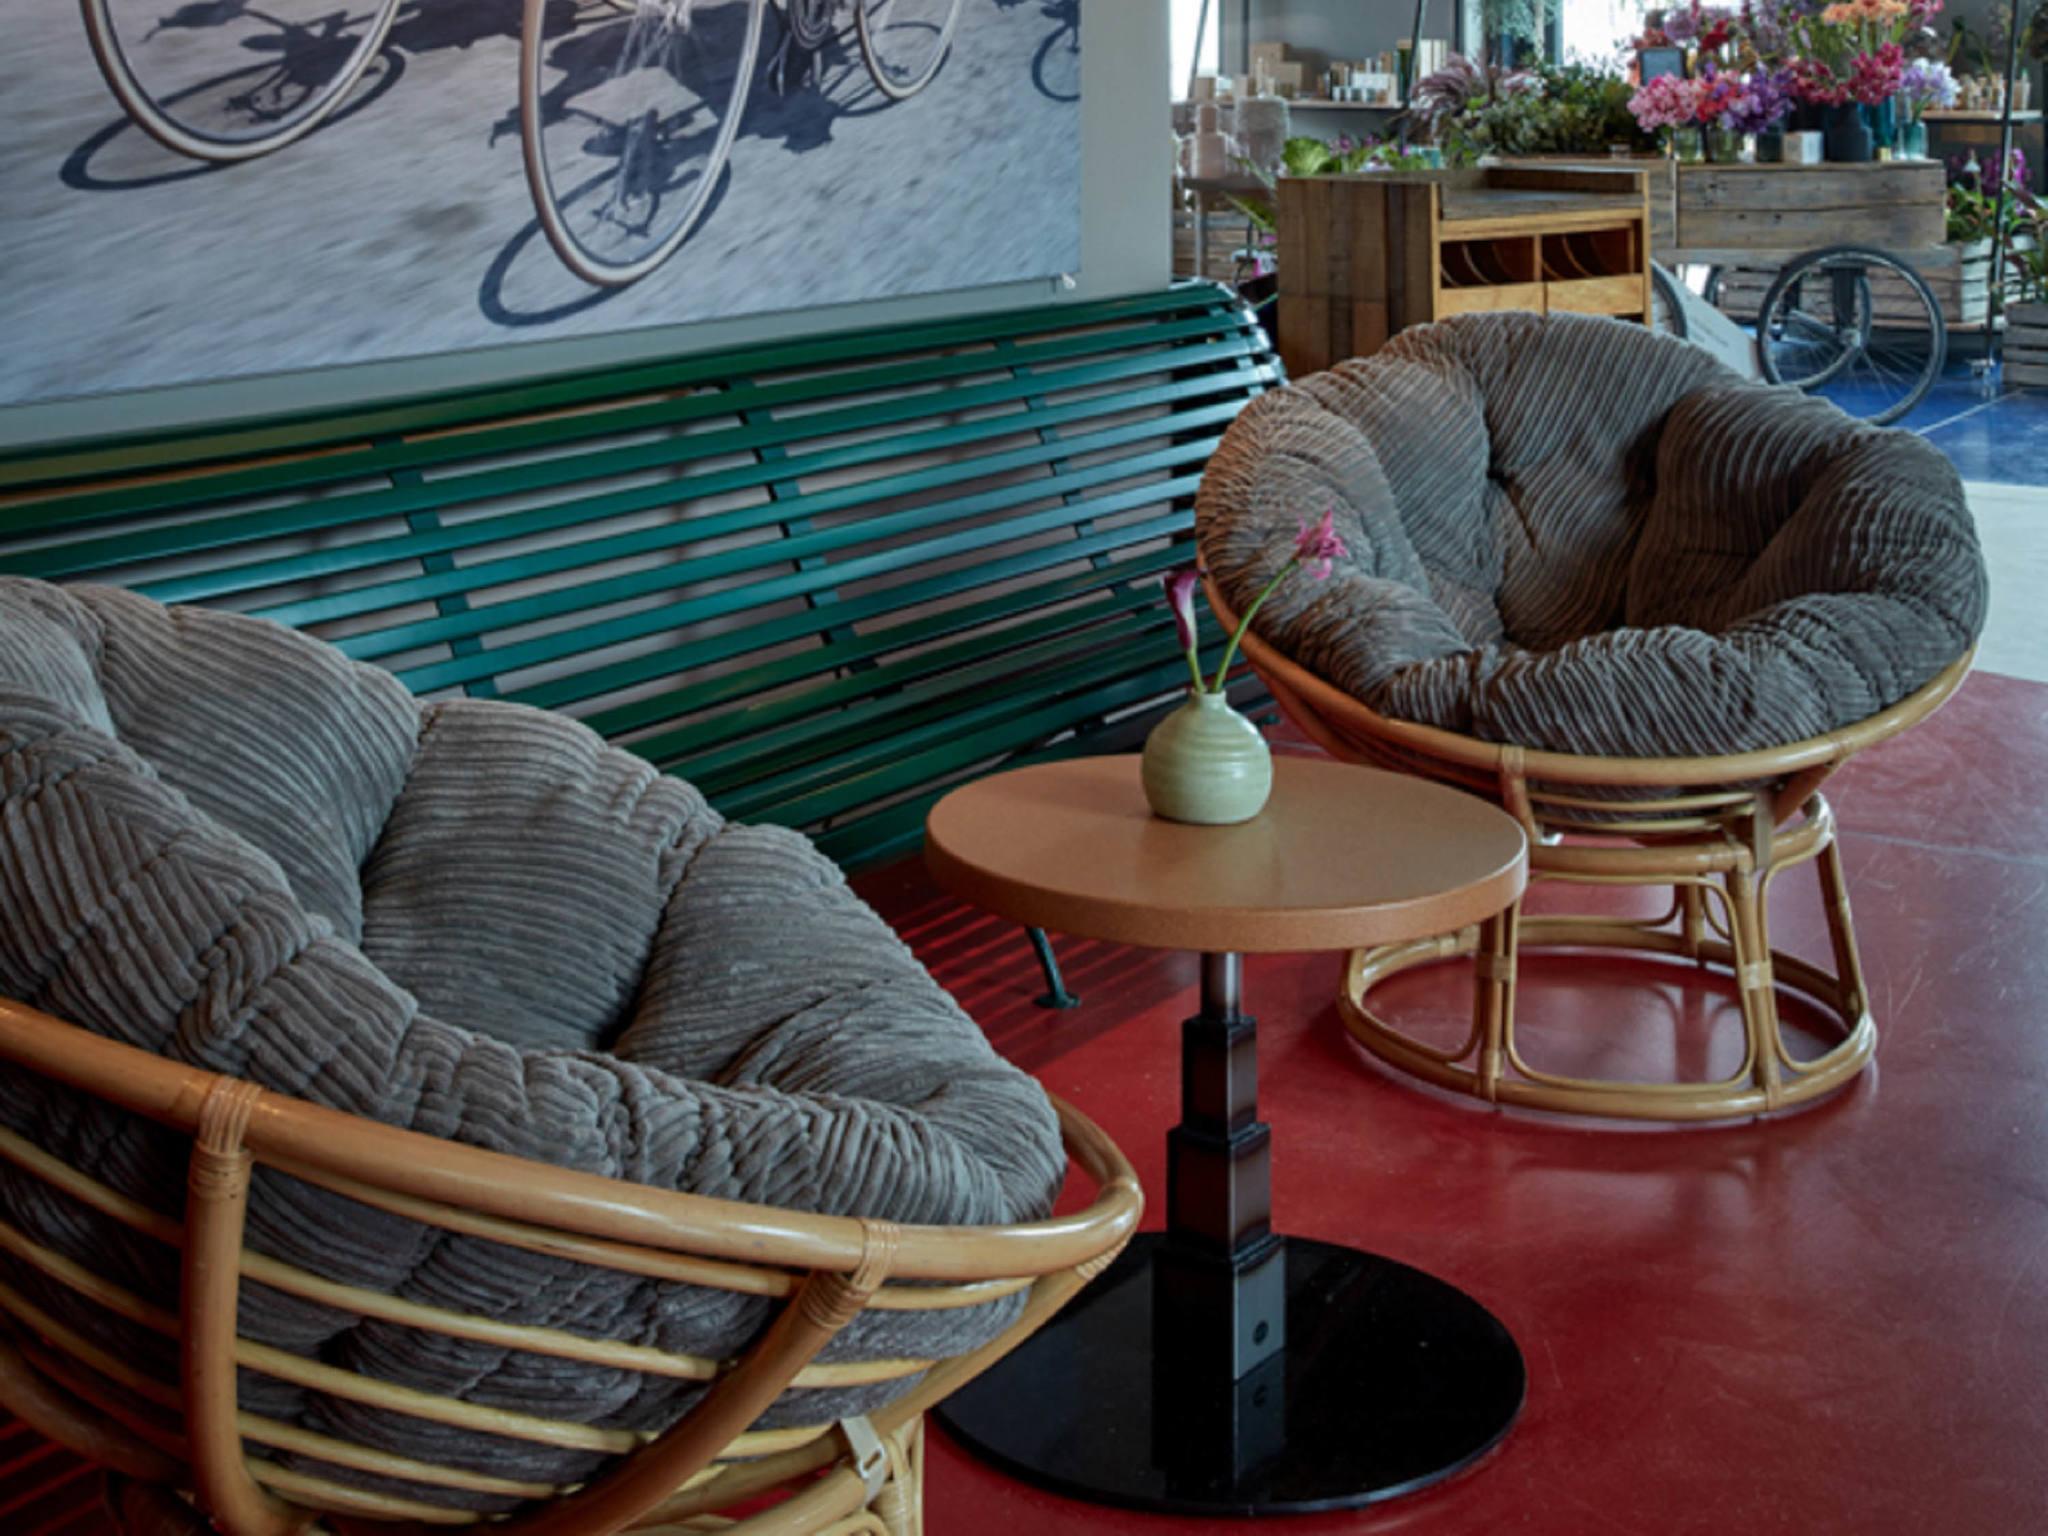 Hôtel - 25hours Hotel Duesseldorf Das Tour